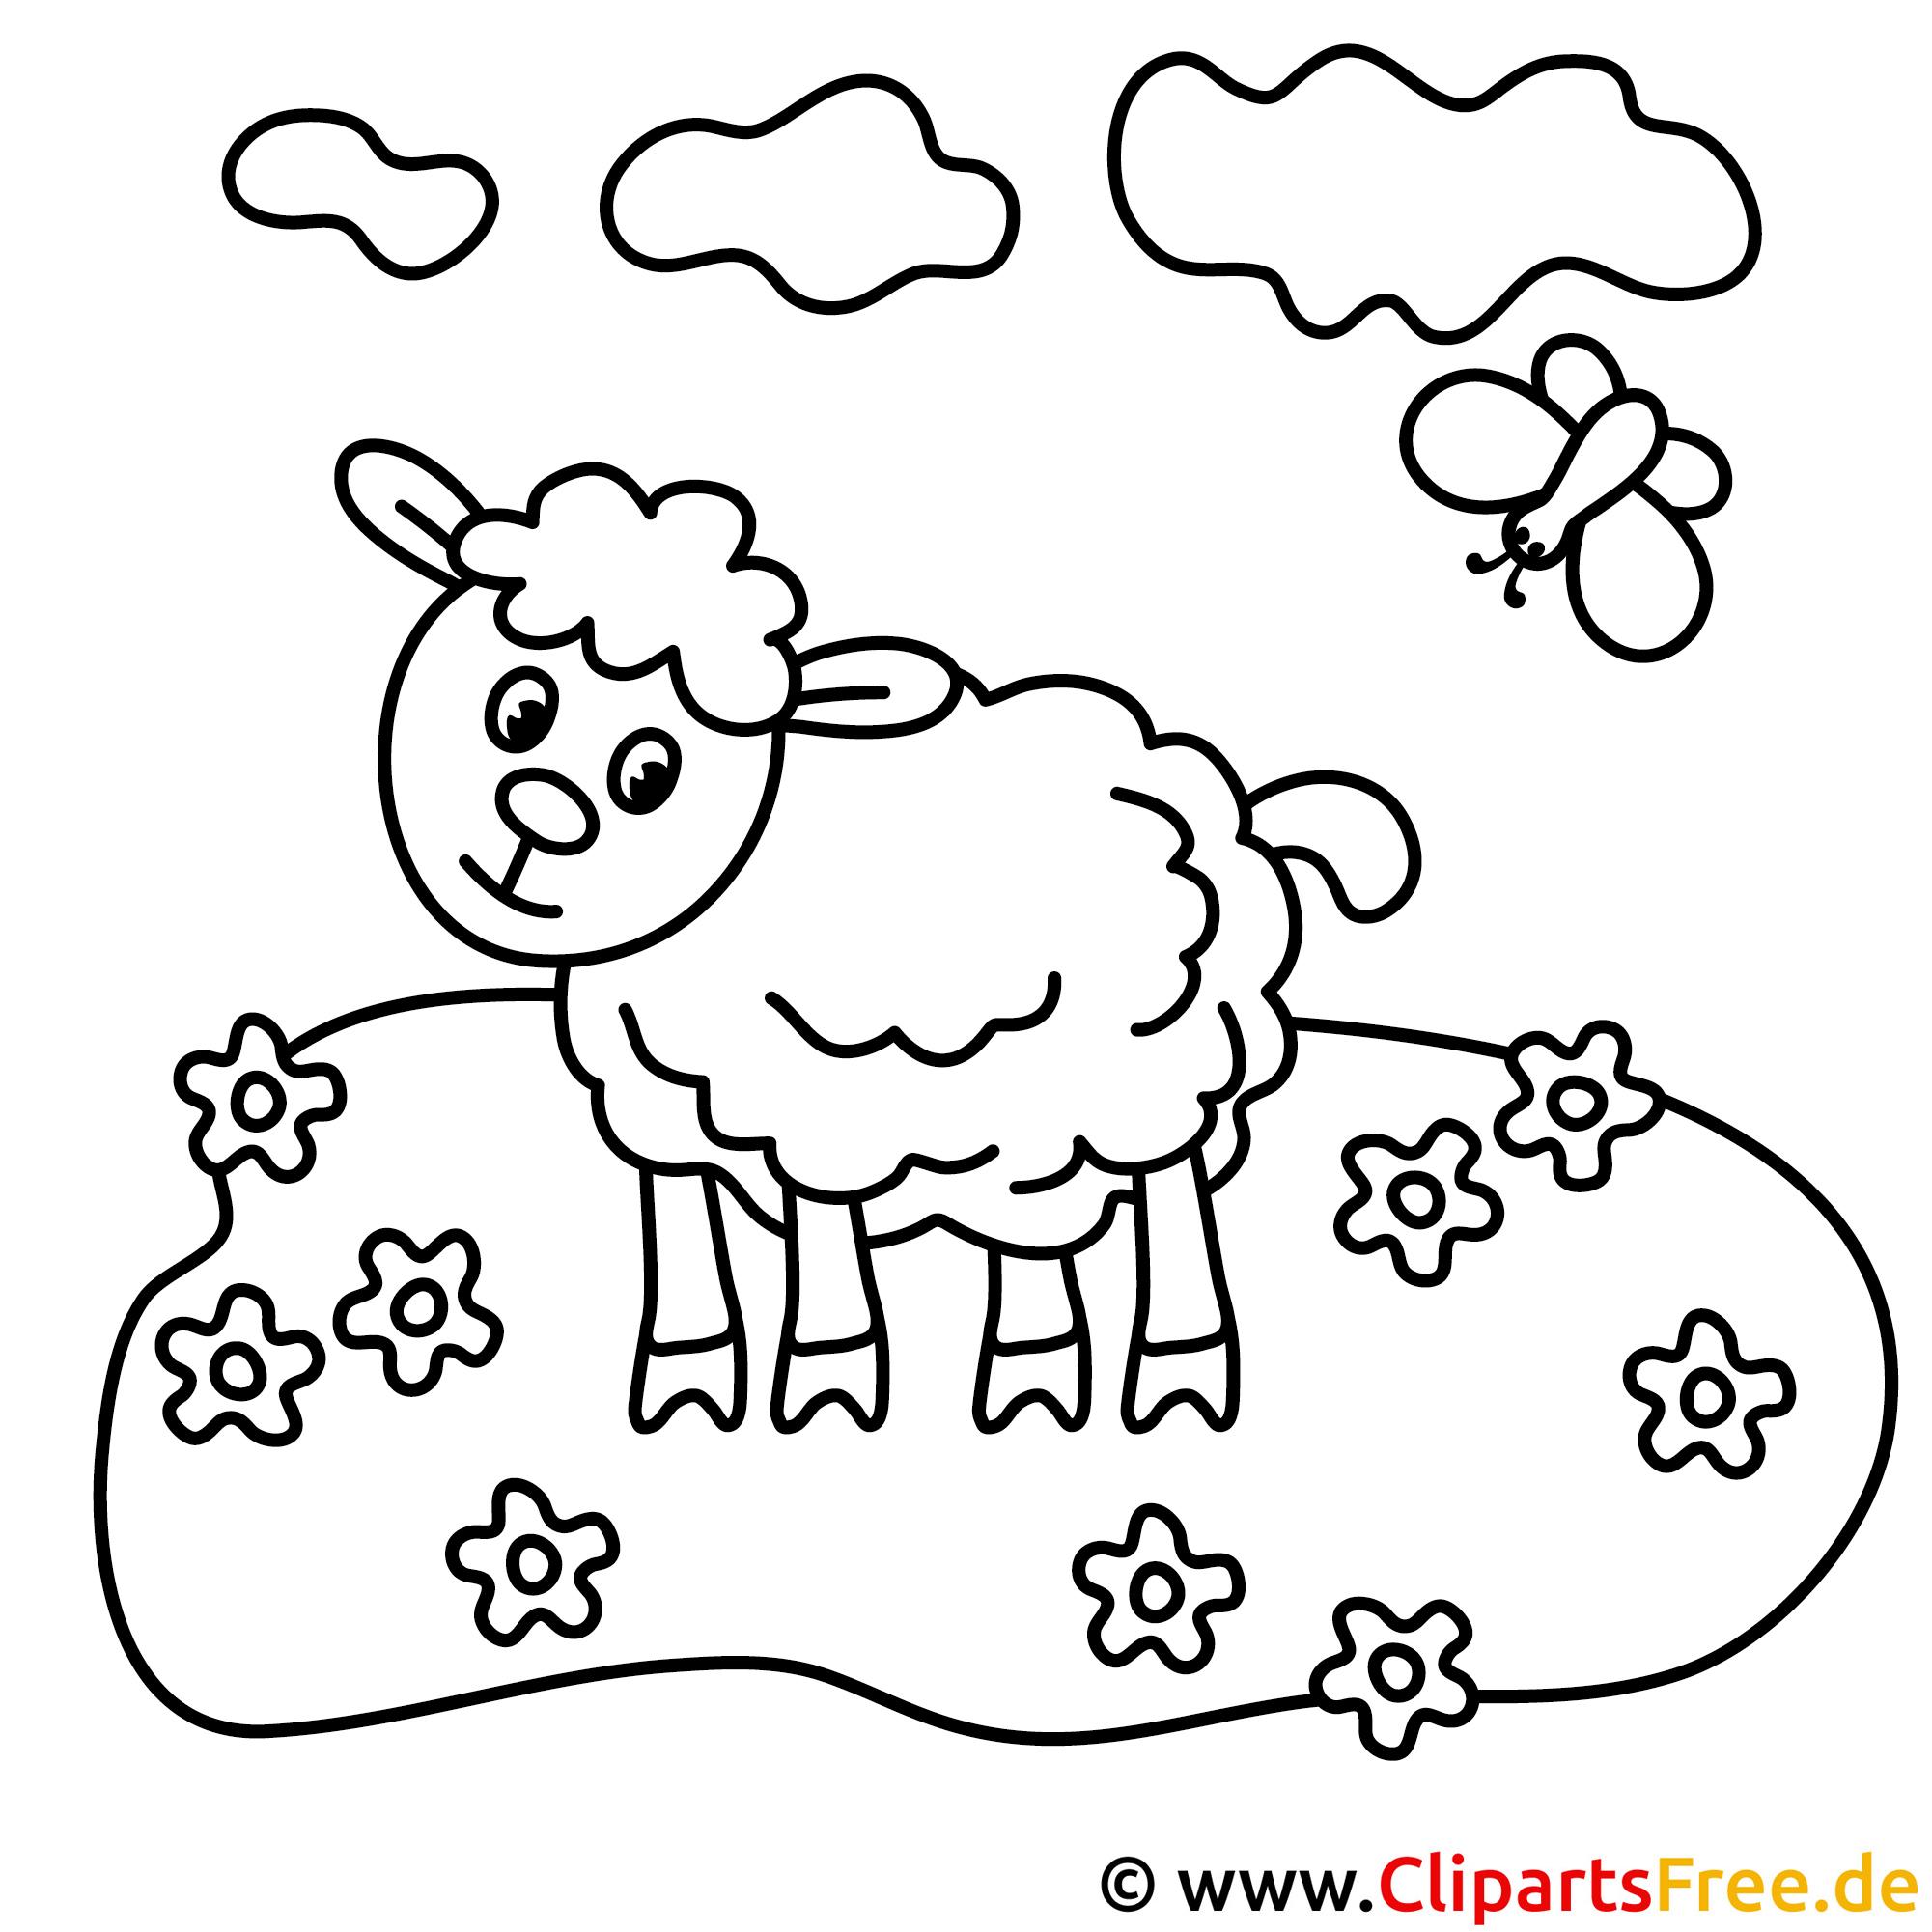 Schaf auf der Wiese Bild zum Ausmalen